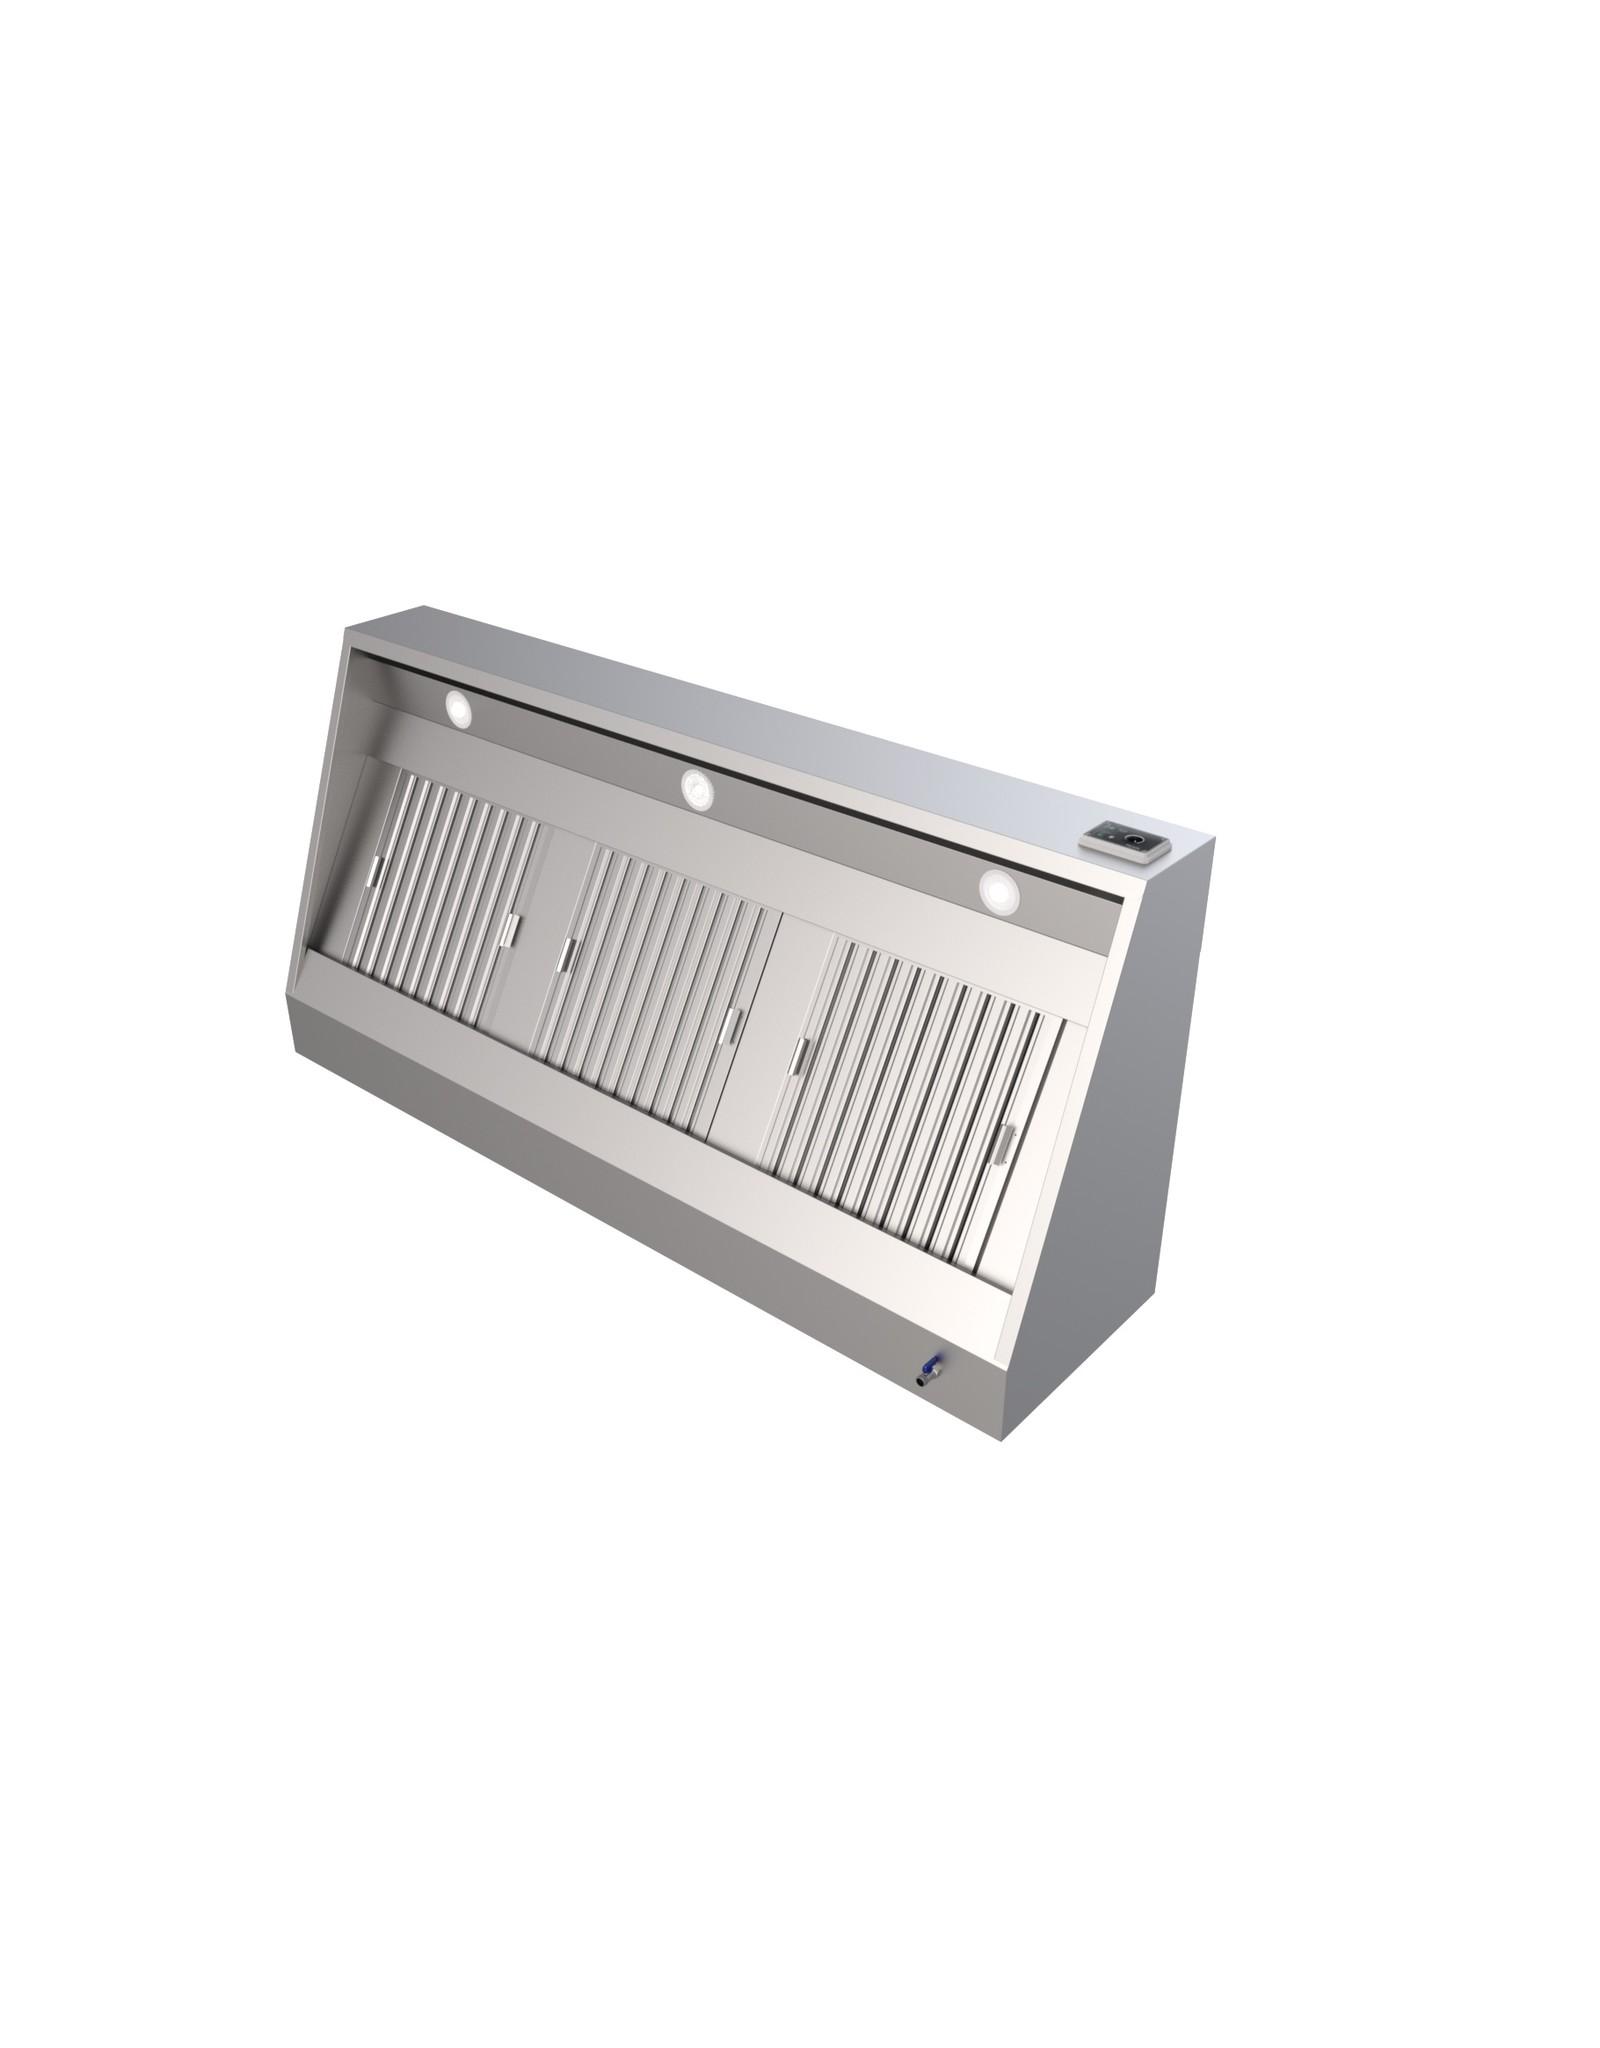 Q-Gastro RVS Afzuigkap NIEUW!! Verlichting+motor +regelaar +filter 150x70x54 - Copy